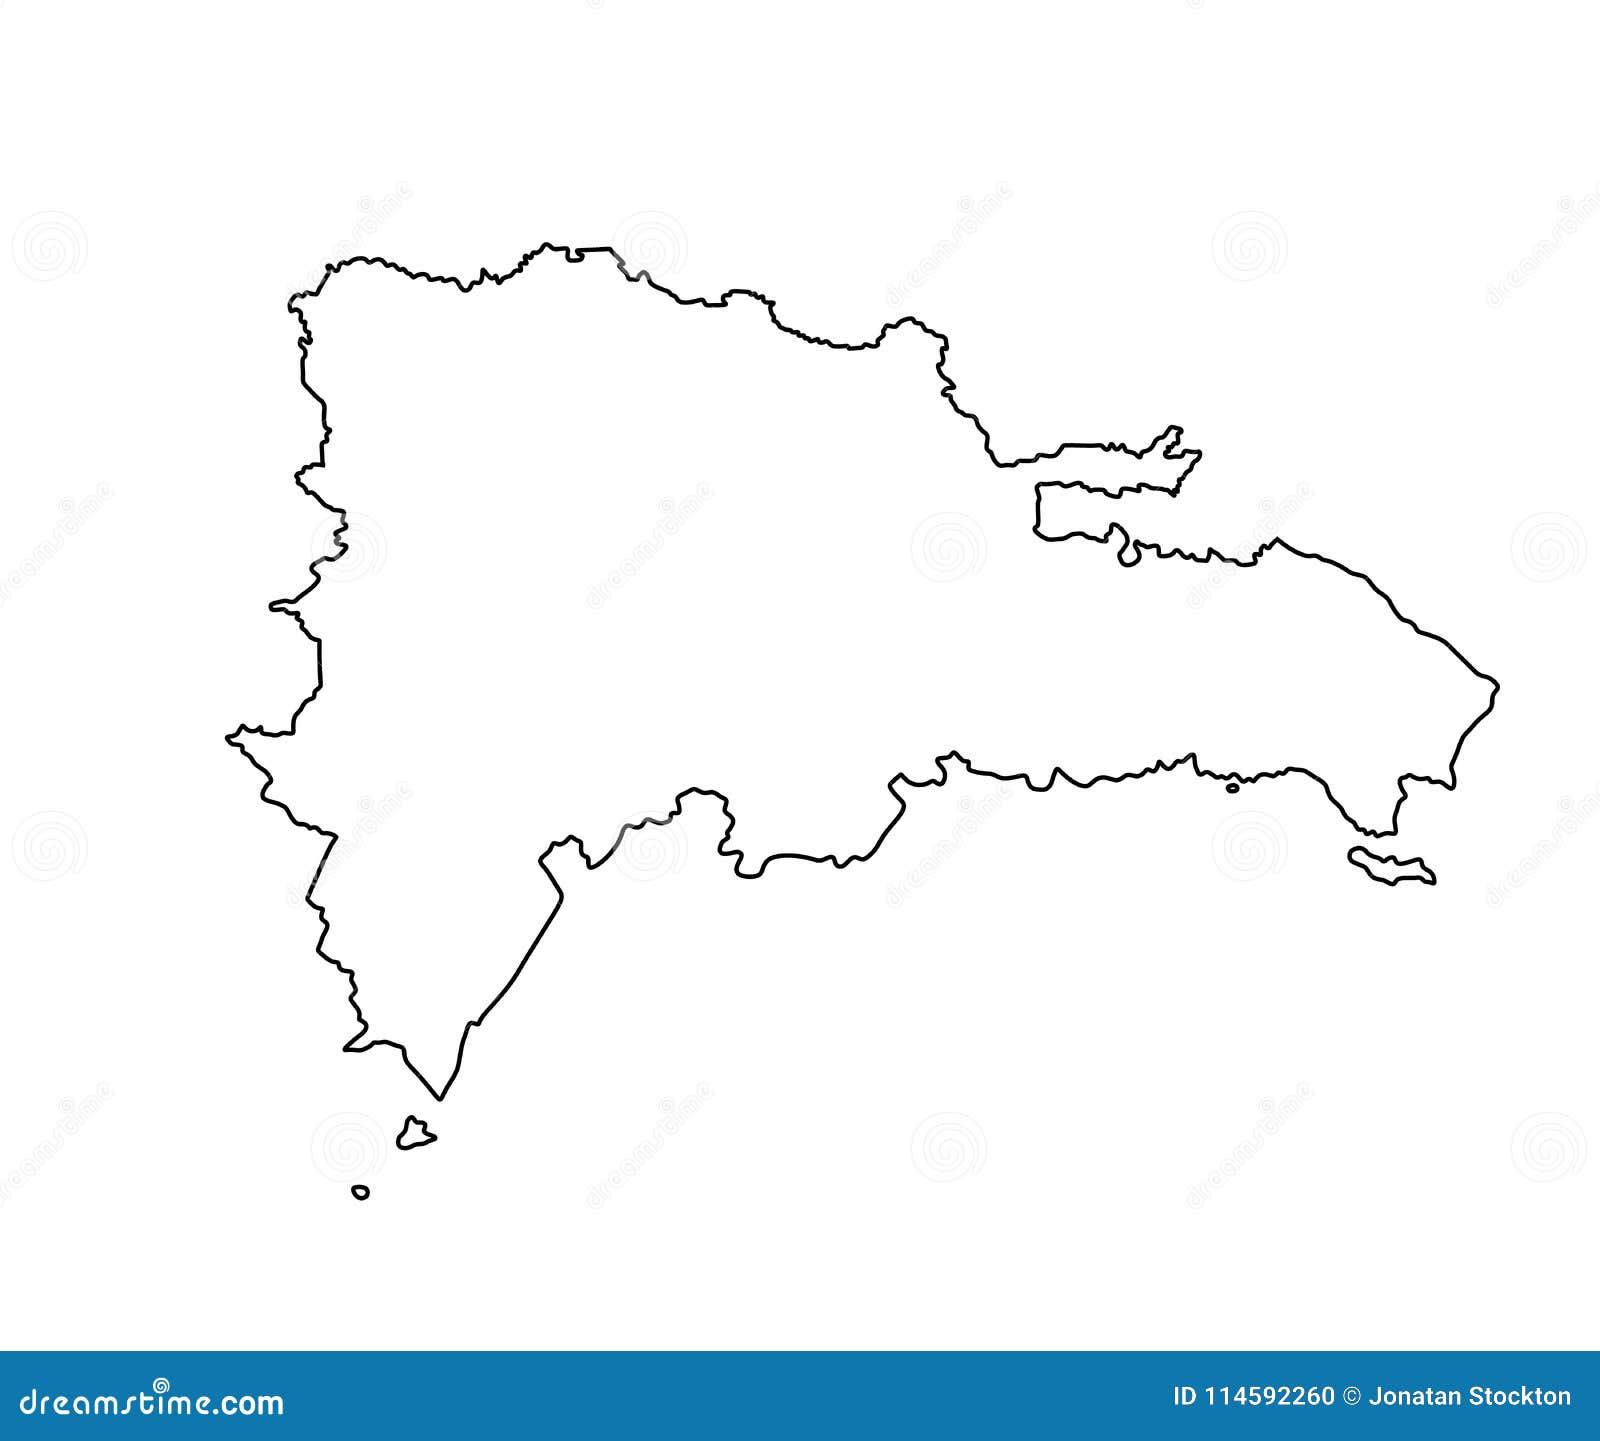 Mapa De Republica Dominicana En Blanco.Contorno Del Mapa De La Republica Dominicana Stock De